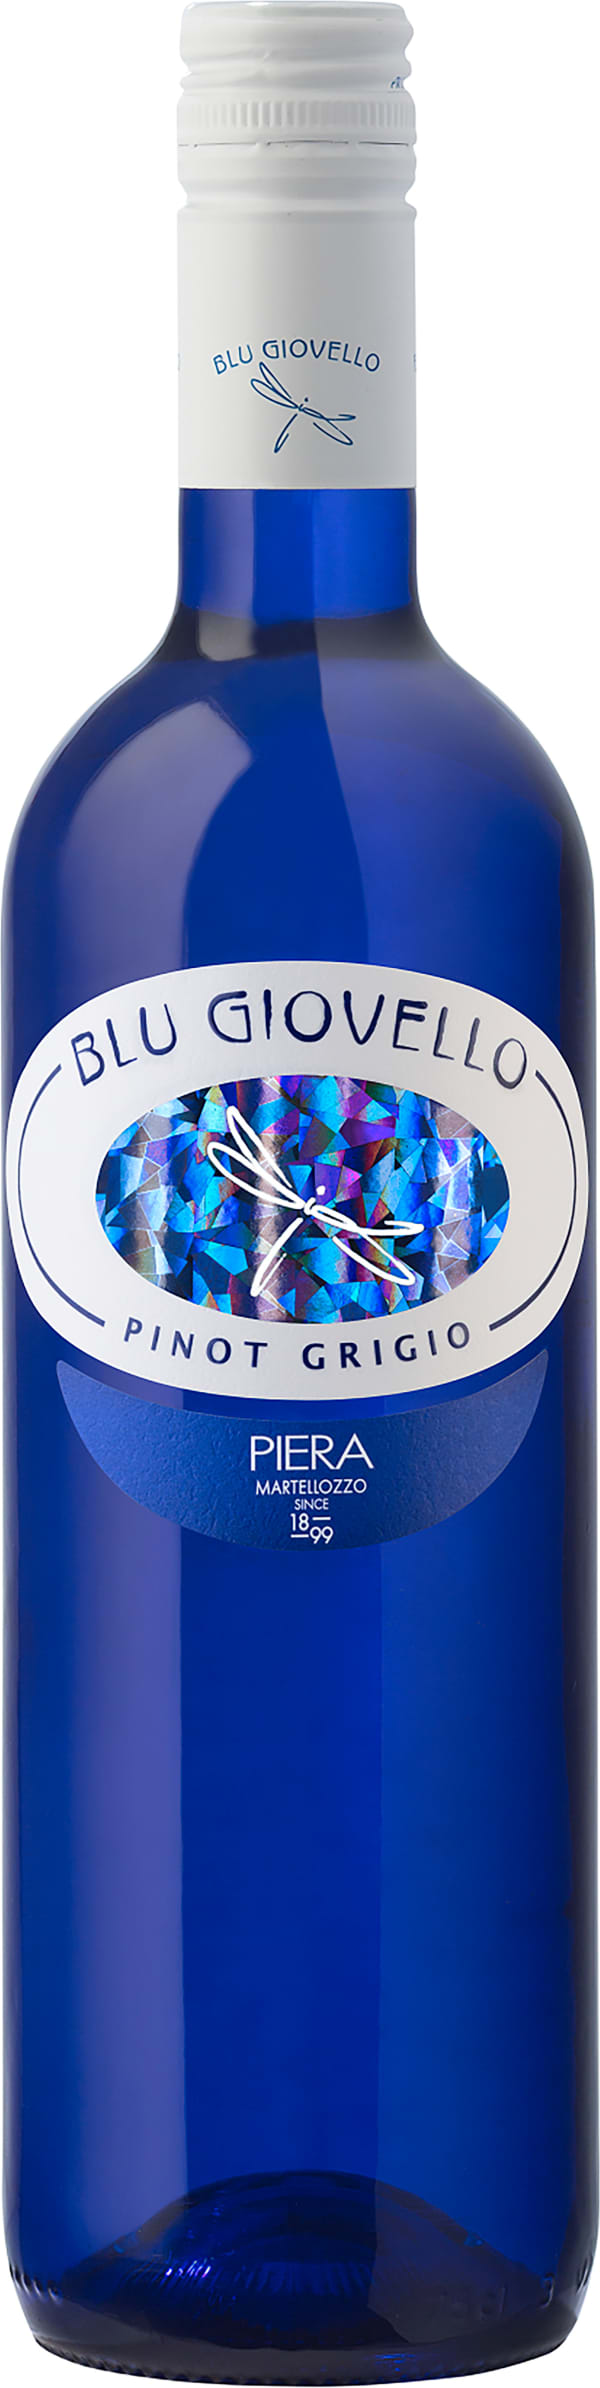 Blu Giovello Pinot Grigio delle Venezie 2017